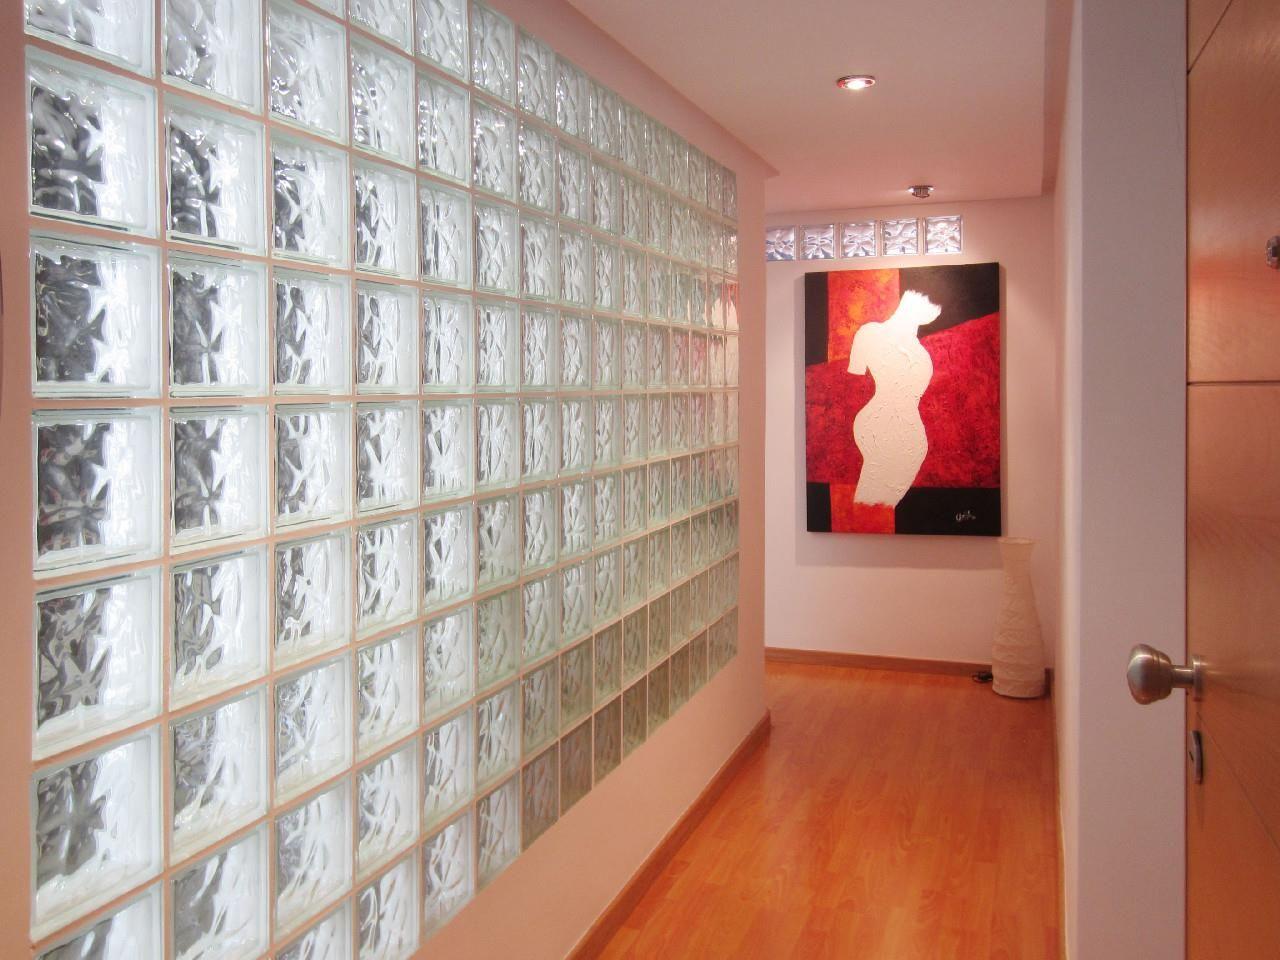 Decorar con paredes de cristal de pav s ladrillo de - Cristales decorativos para paredes ...